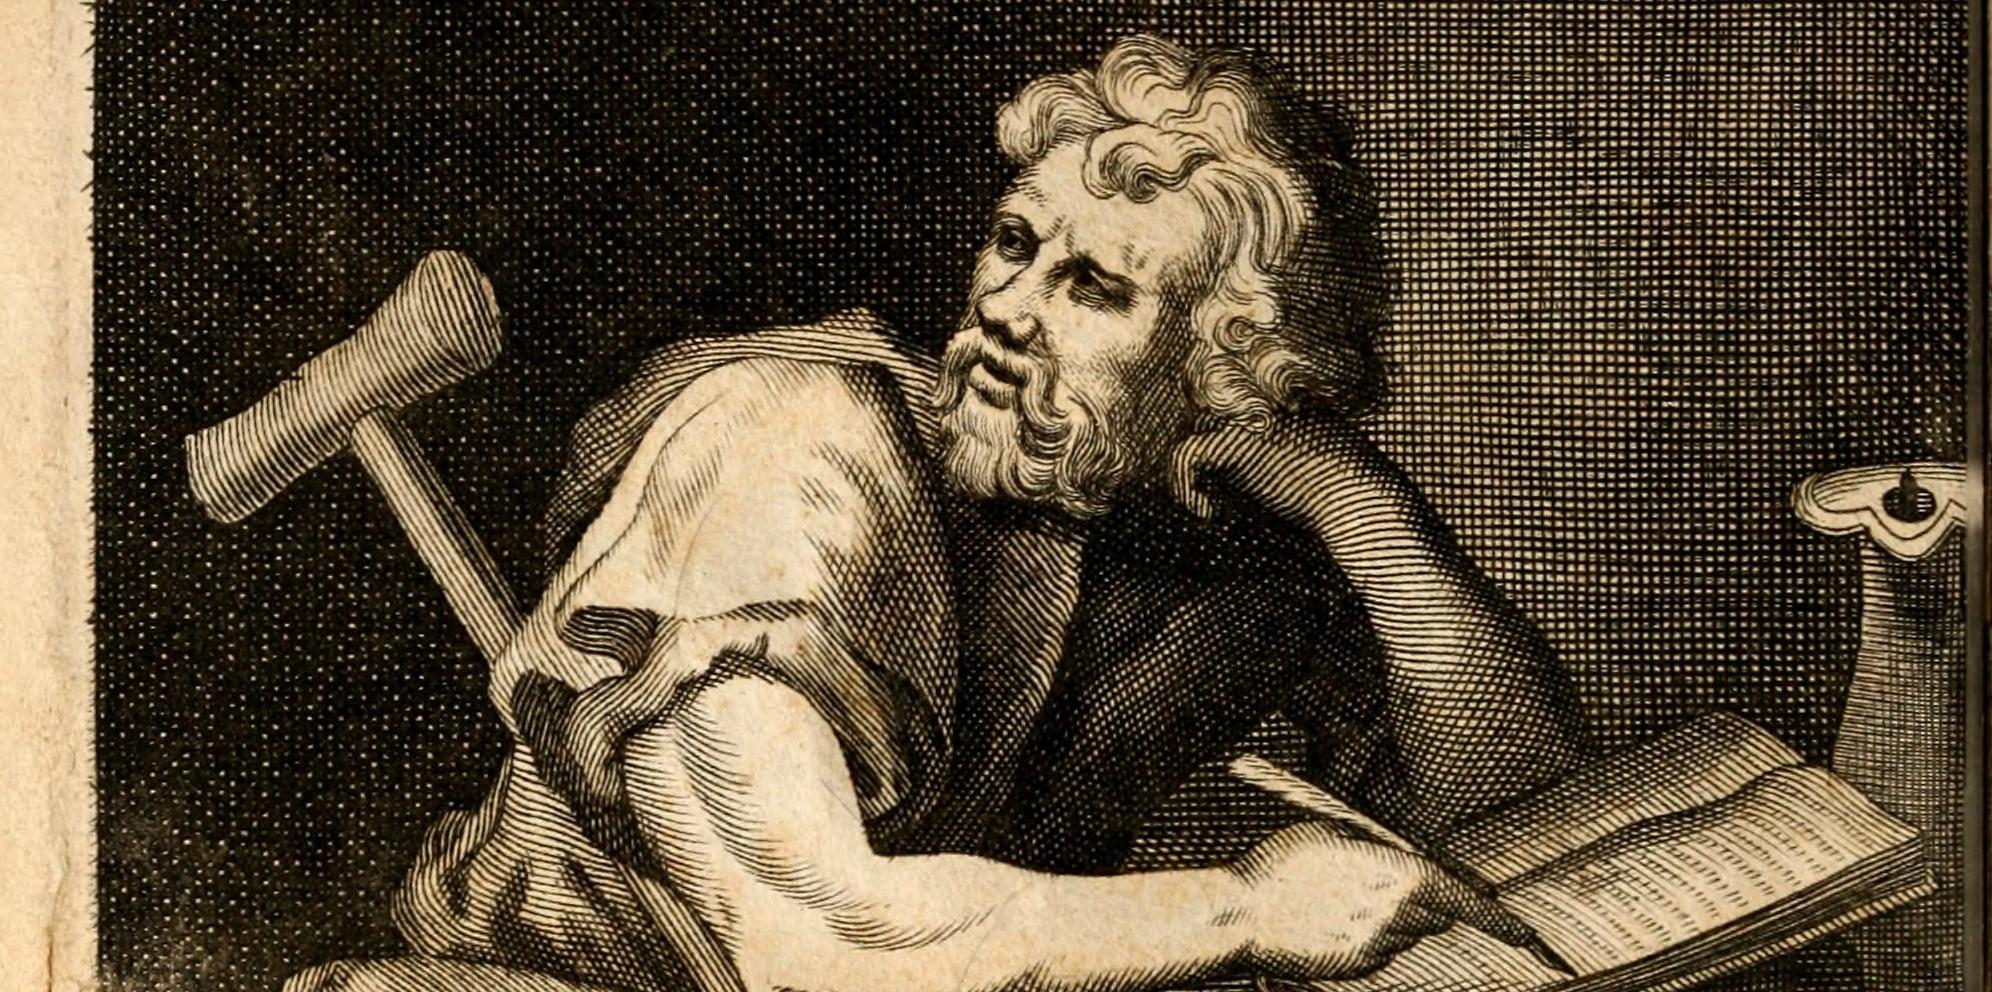 Epictetus.